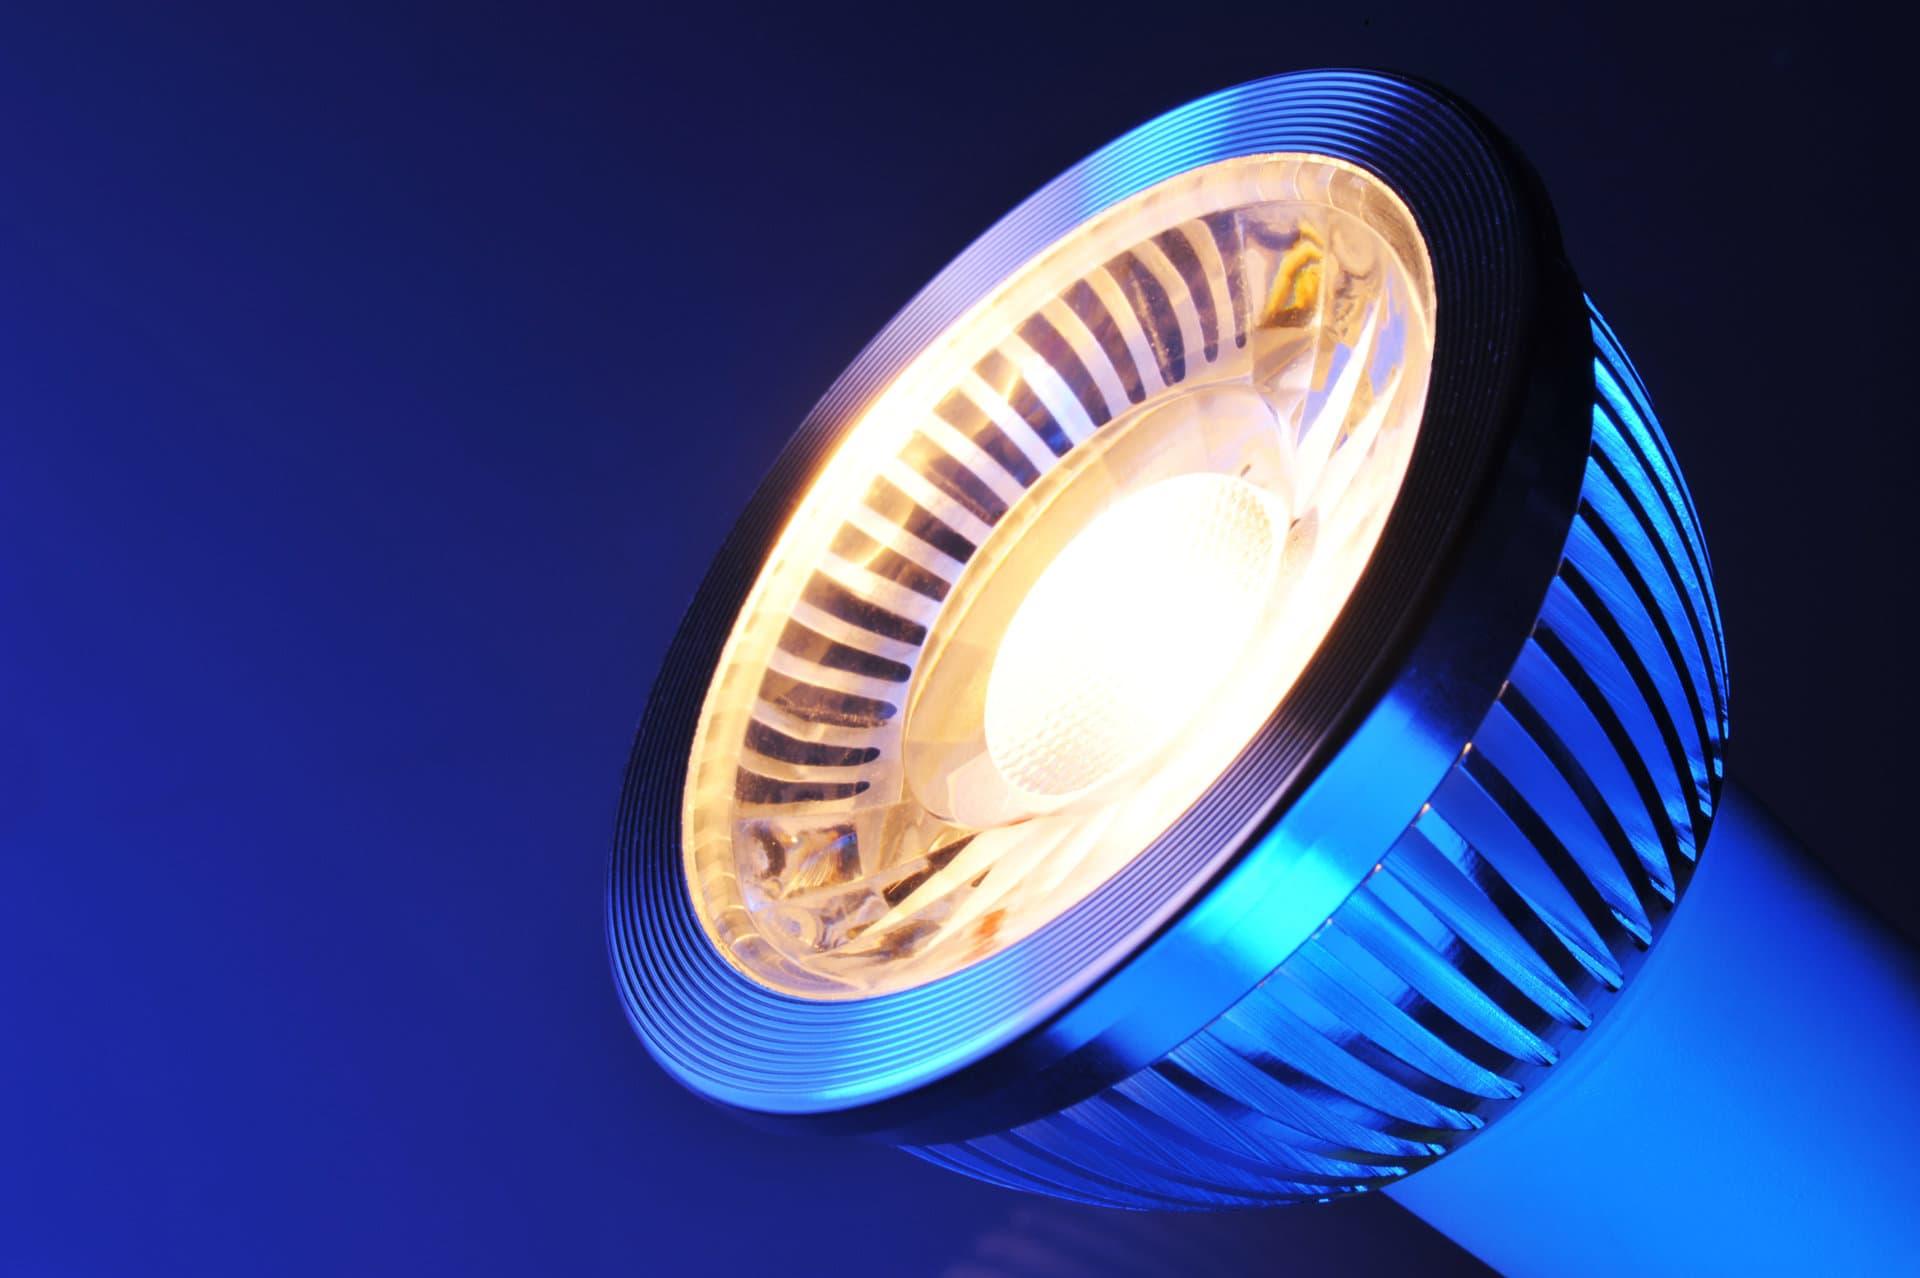 Reihenschaltung lampen simulation dating